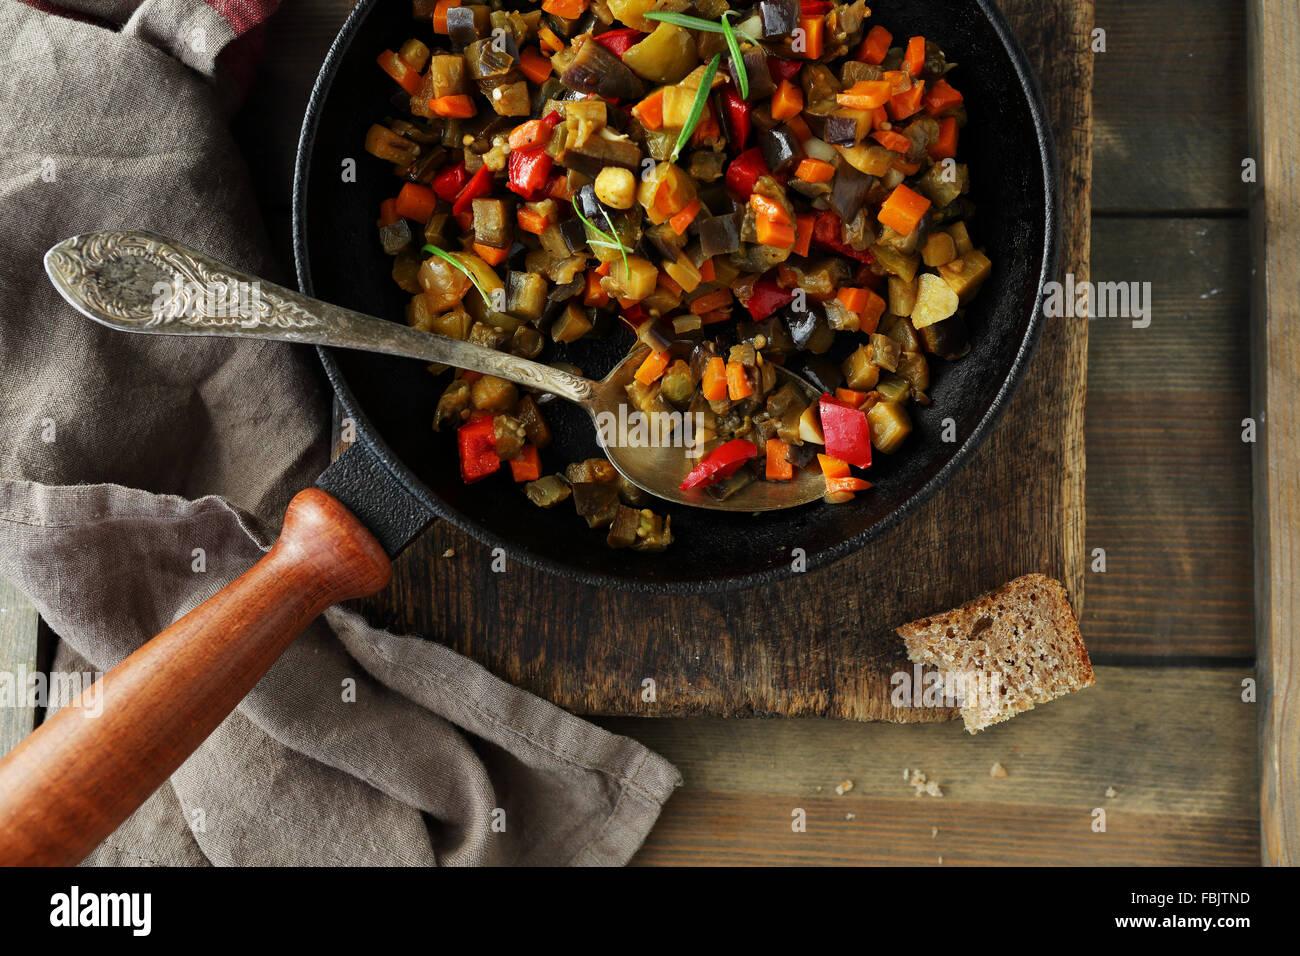 Légumes rôtis morceaux (tomate, aubergine, poivron), vue du dessus Photo Stock